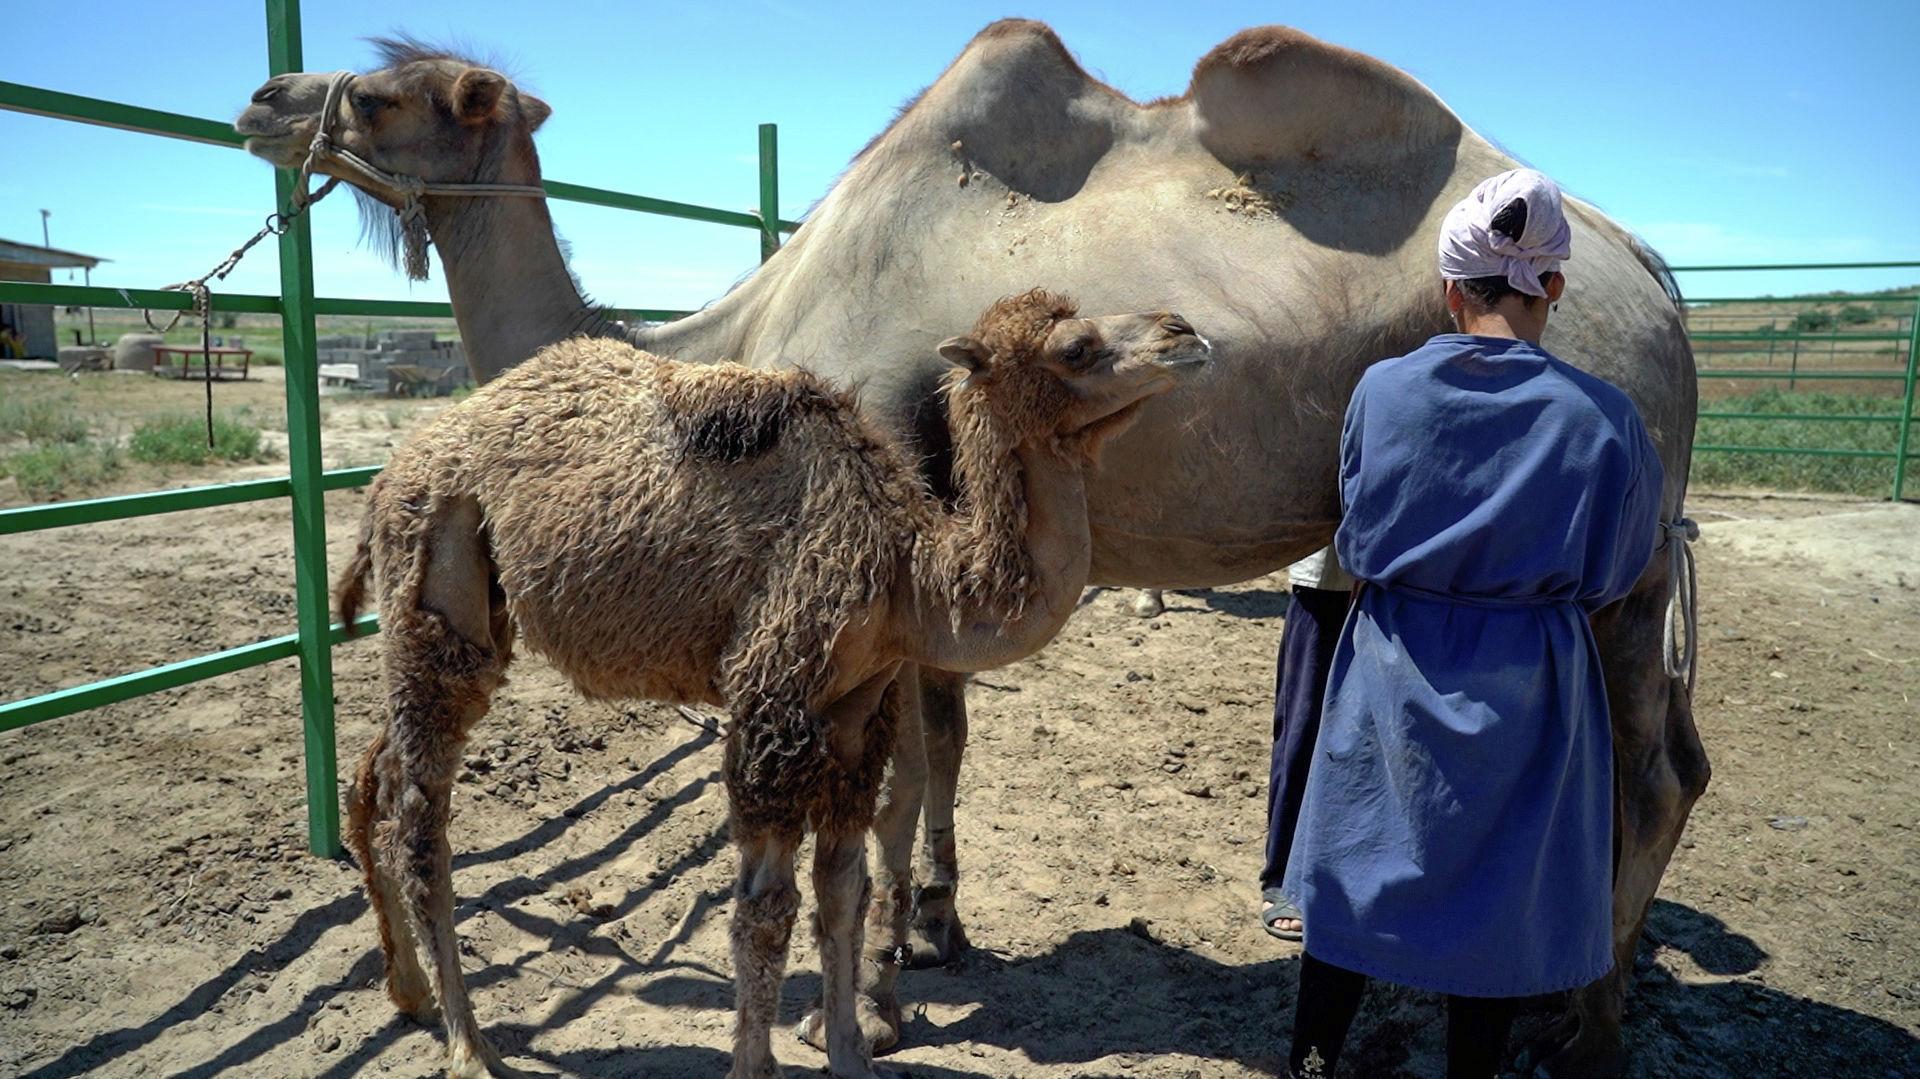 Верблюжонок ожидает окончания дойки, чтобы получить свою порцию молока